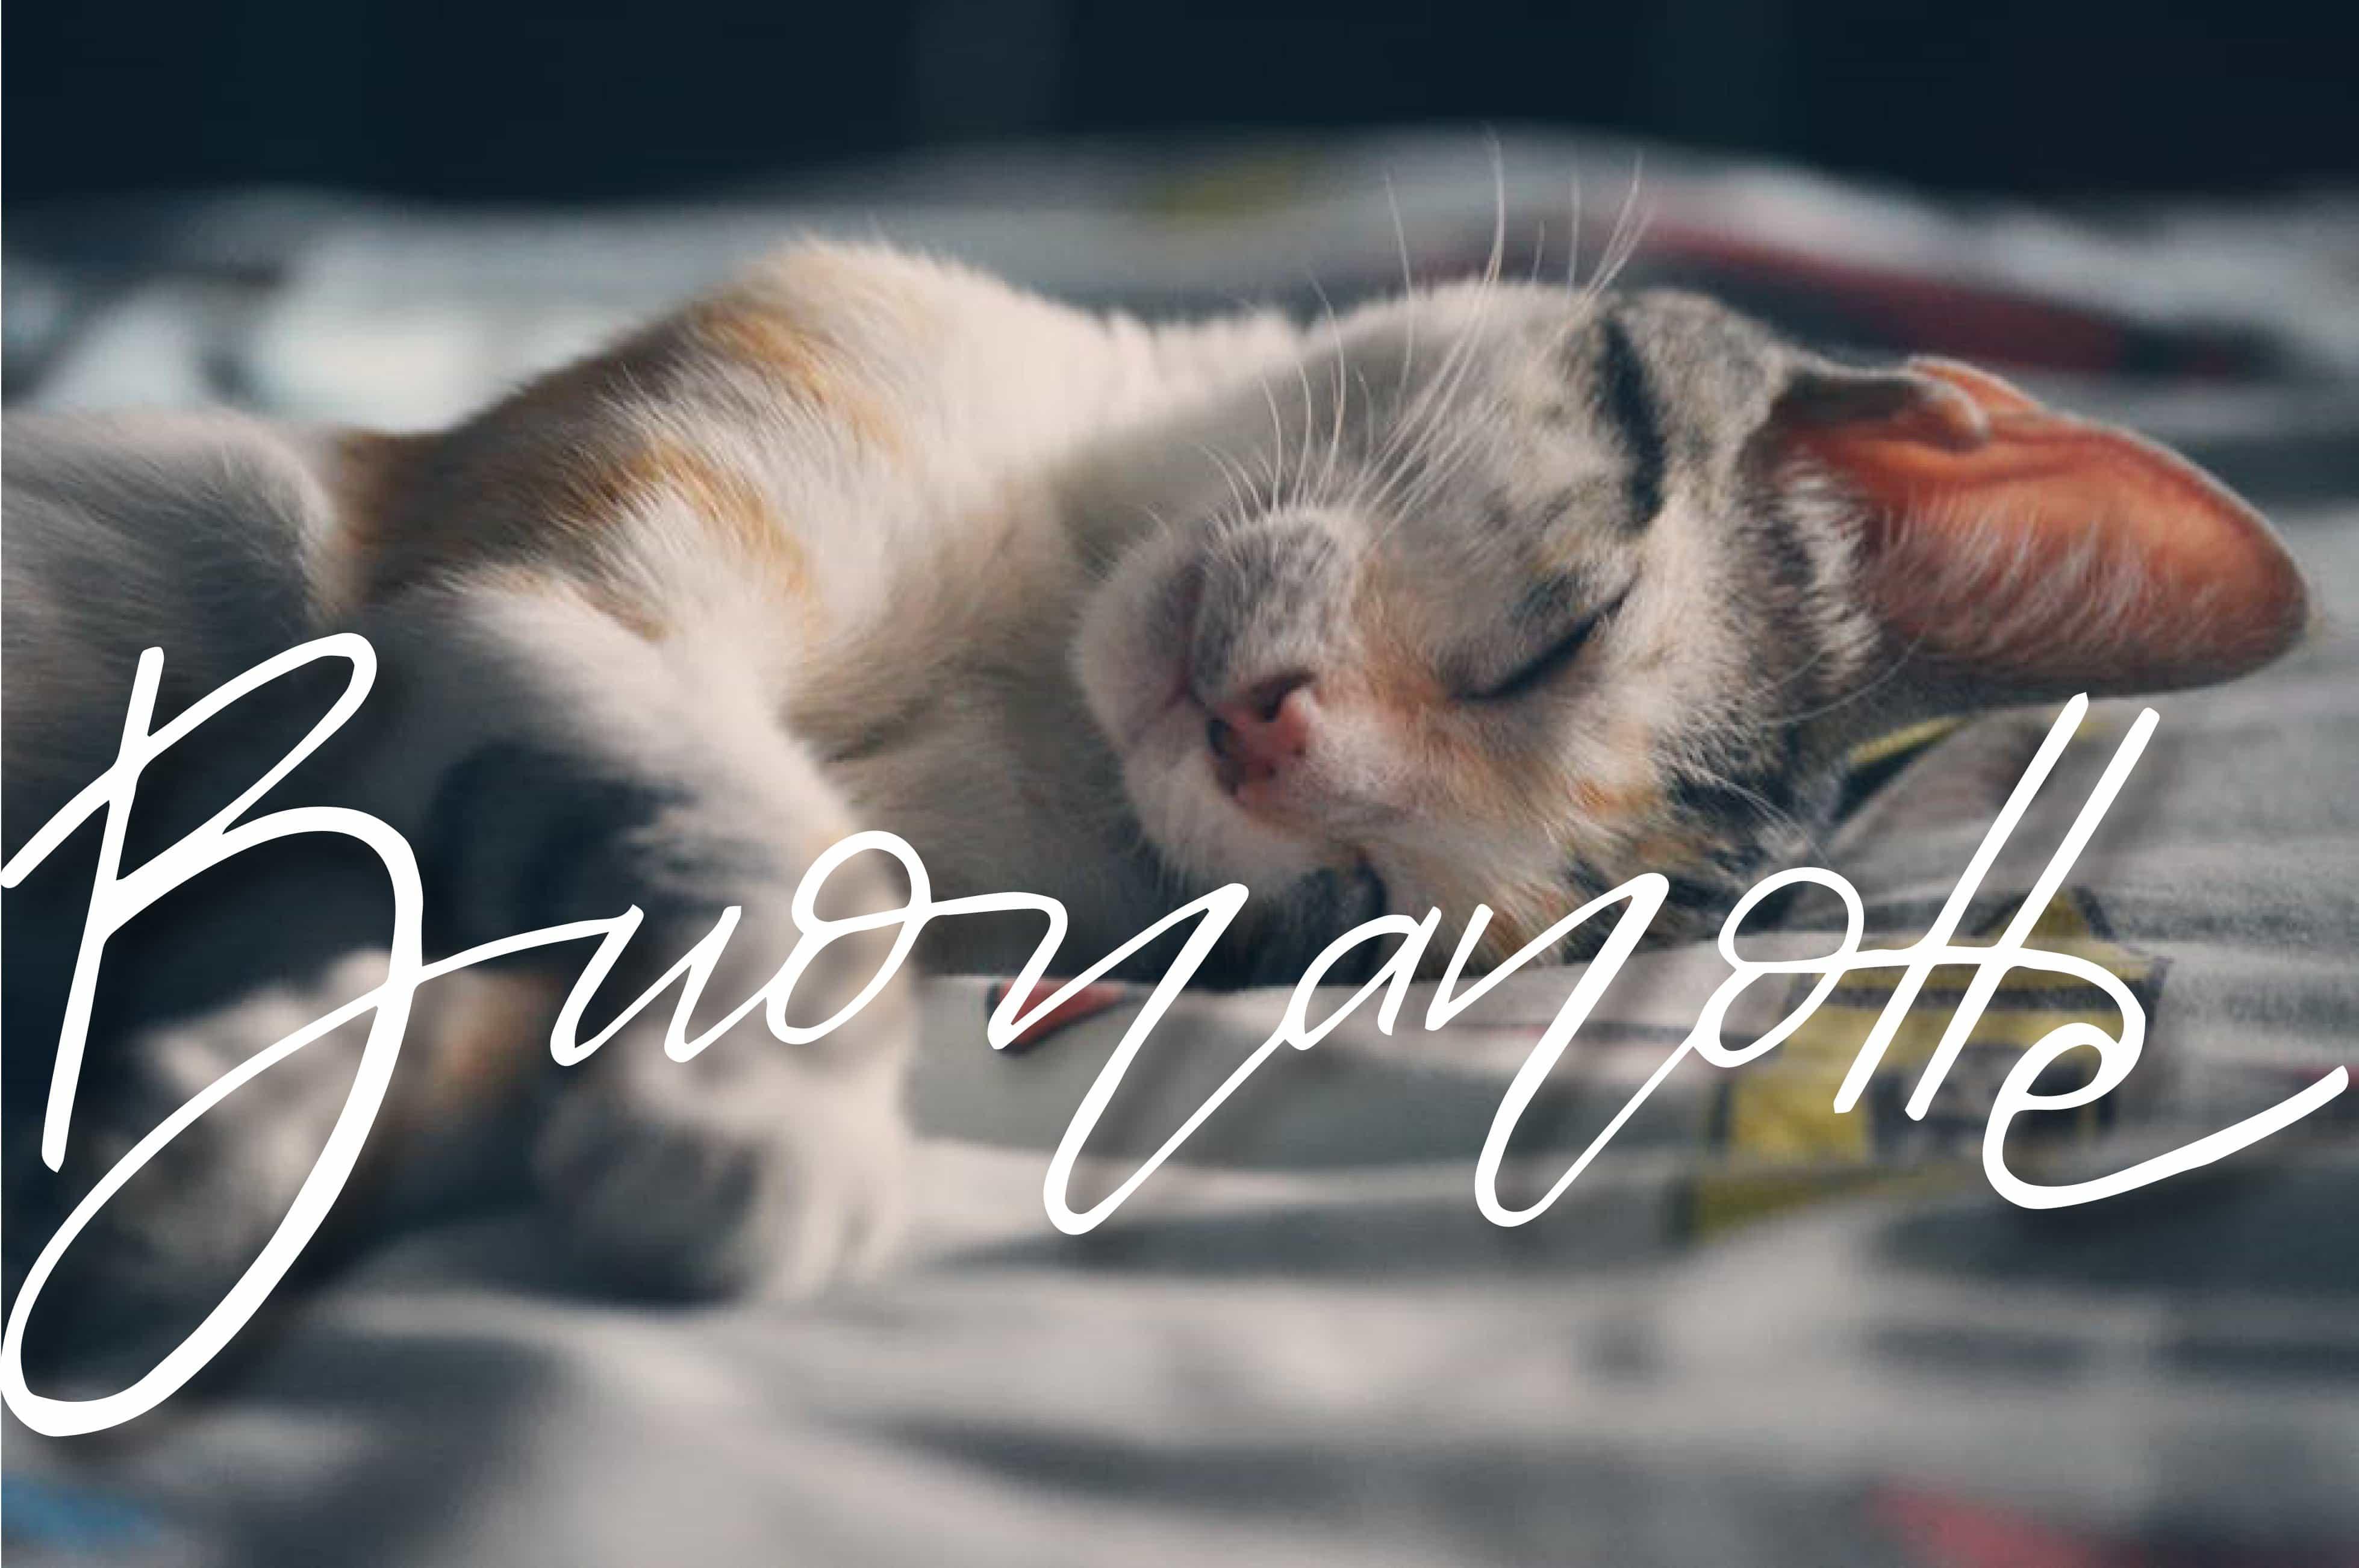 Immagine della buonanotte con gatto per Whatsapp